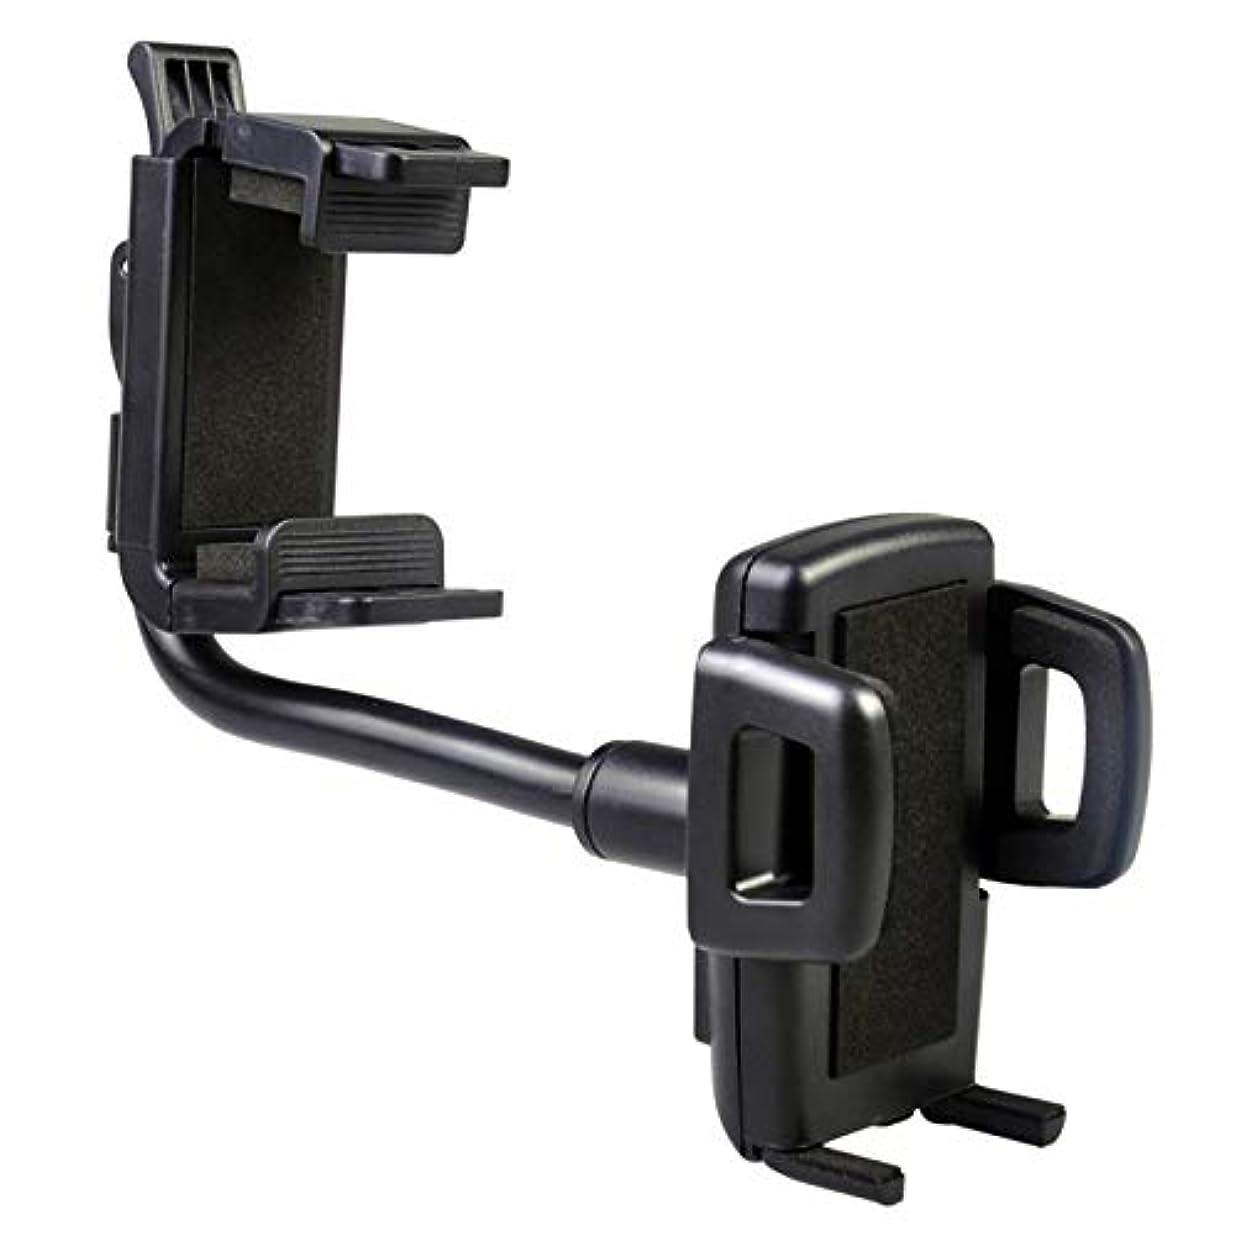 顎スケッチ人物Jicorzo - 車の自動車のバックミラーマウント携帯電話ホルダーブラケットは、iPhoneの携帯電話のGPSのためにサムスンのためにスタンド360度のホルダー